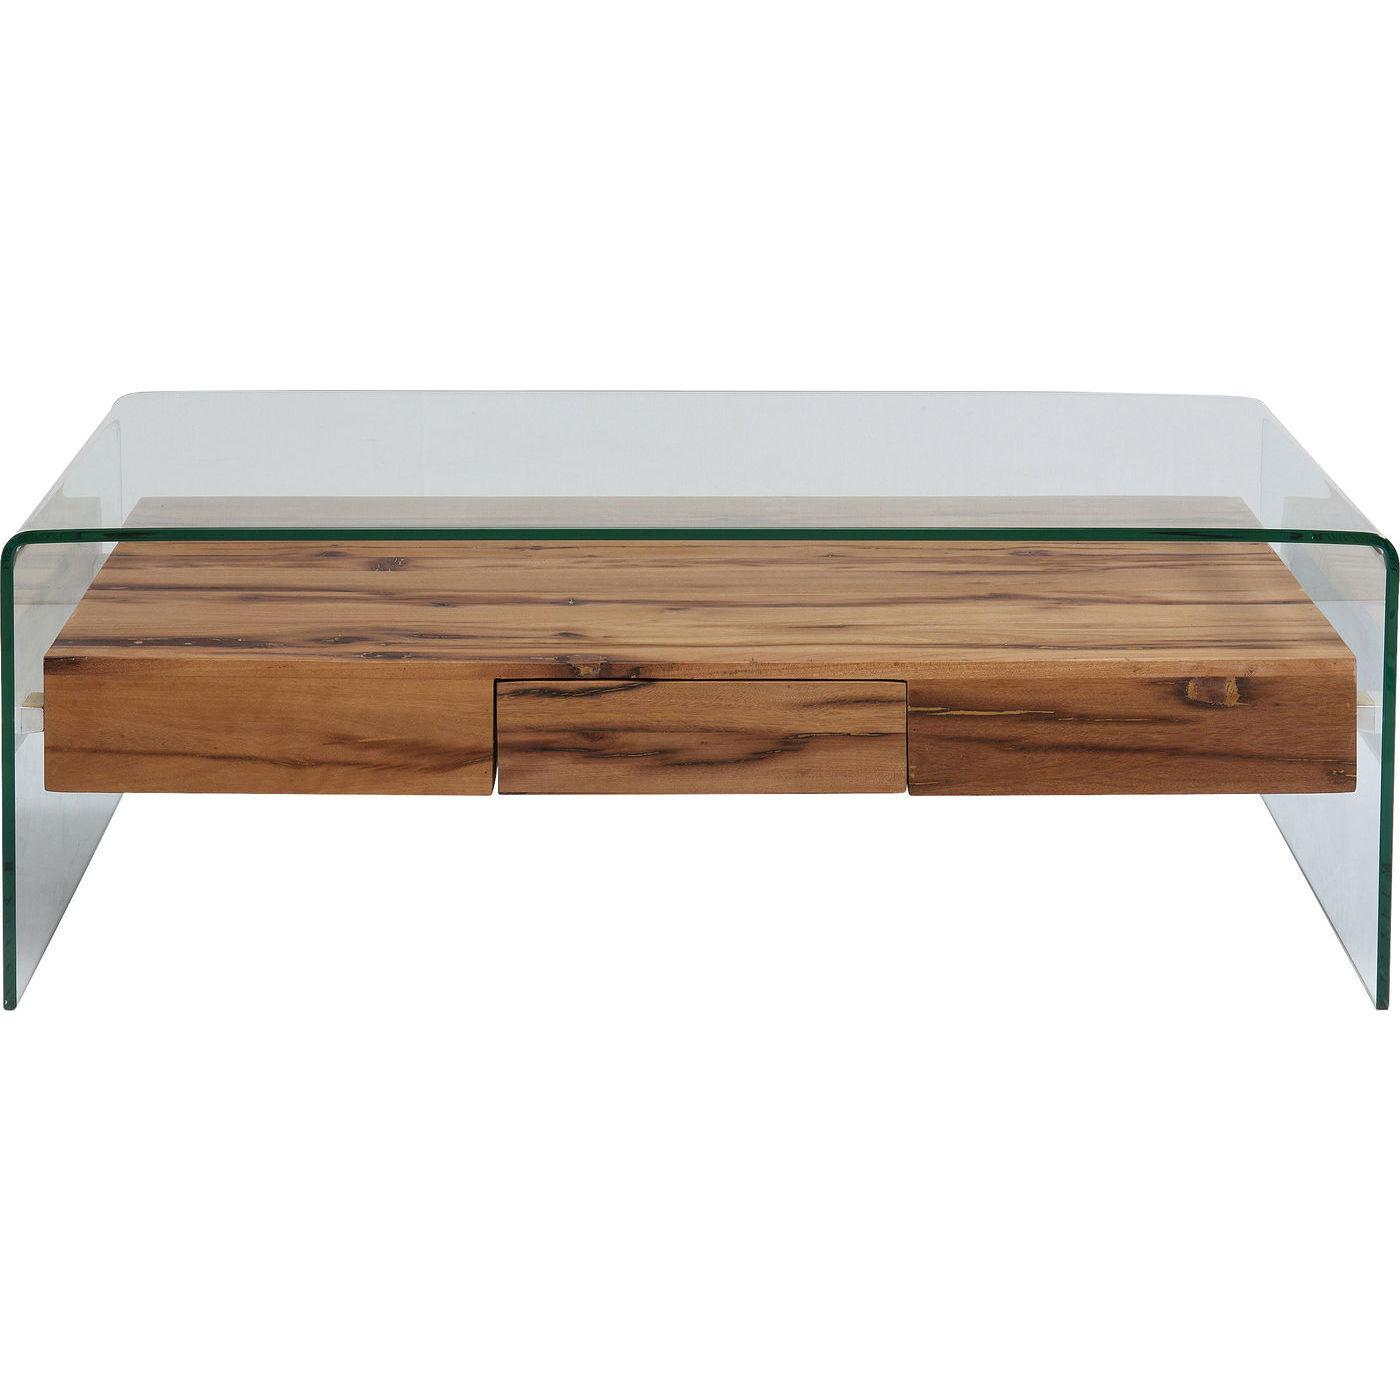 kare design Kare design modern nature sofabord - klart glas/natur genbrugstræ, m. 1 skuffe på boboonline.dk